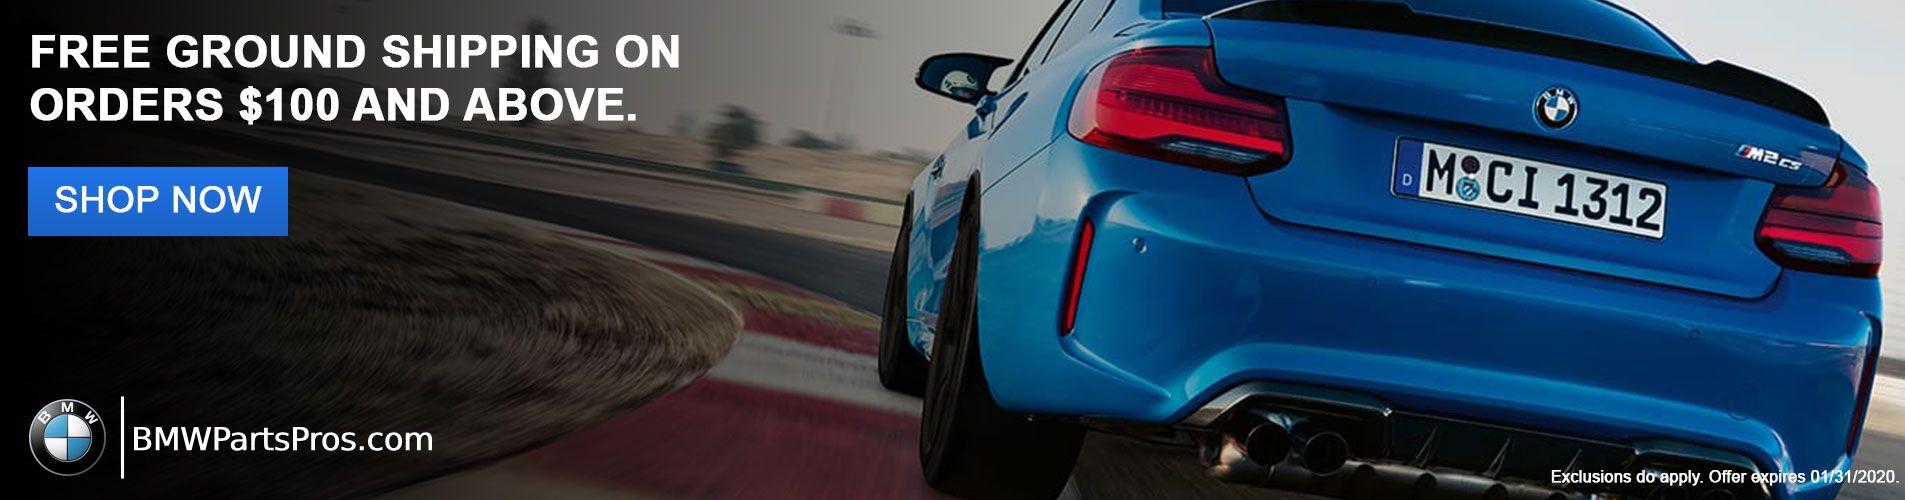 BMWPartsPros.com Banner 1